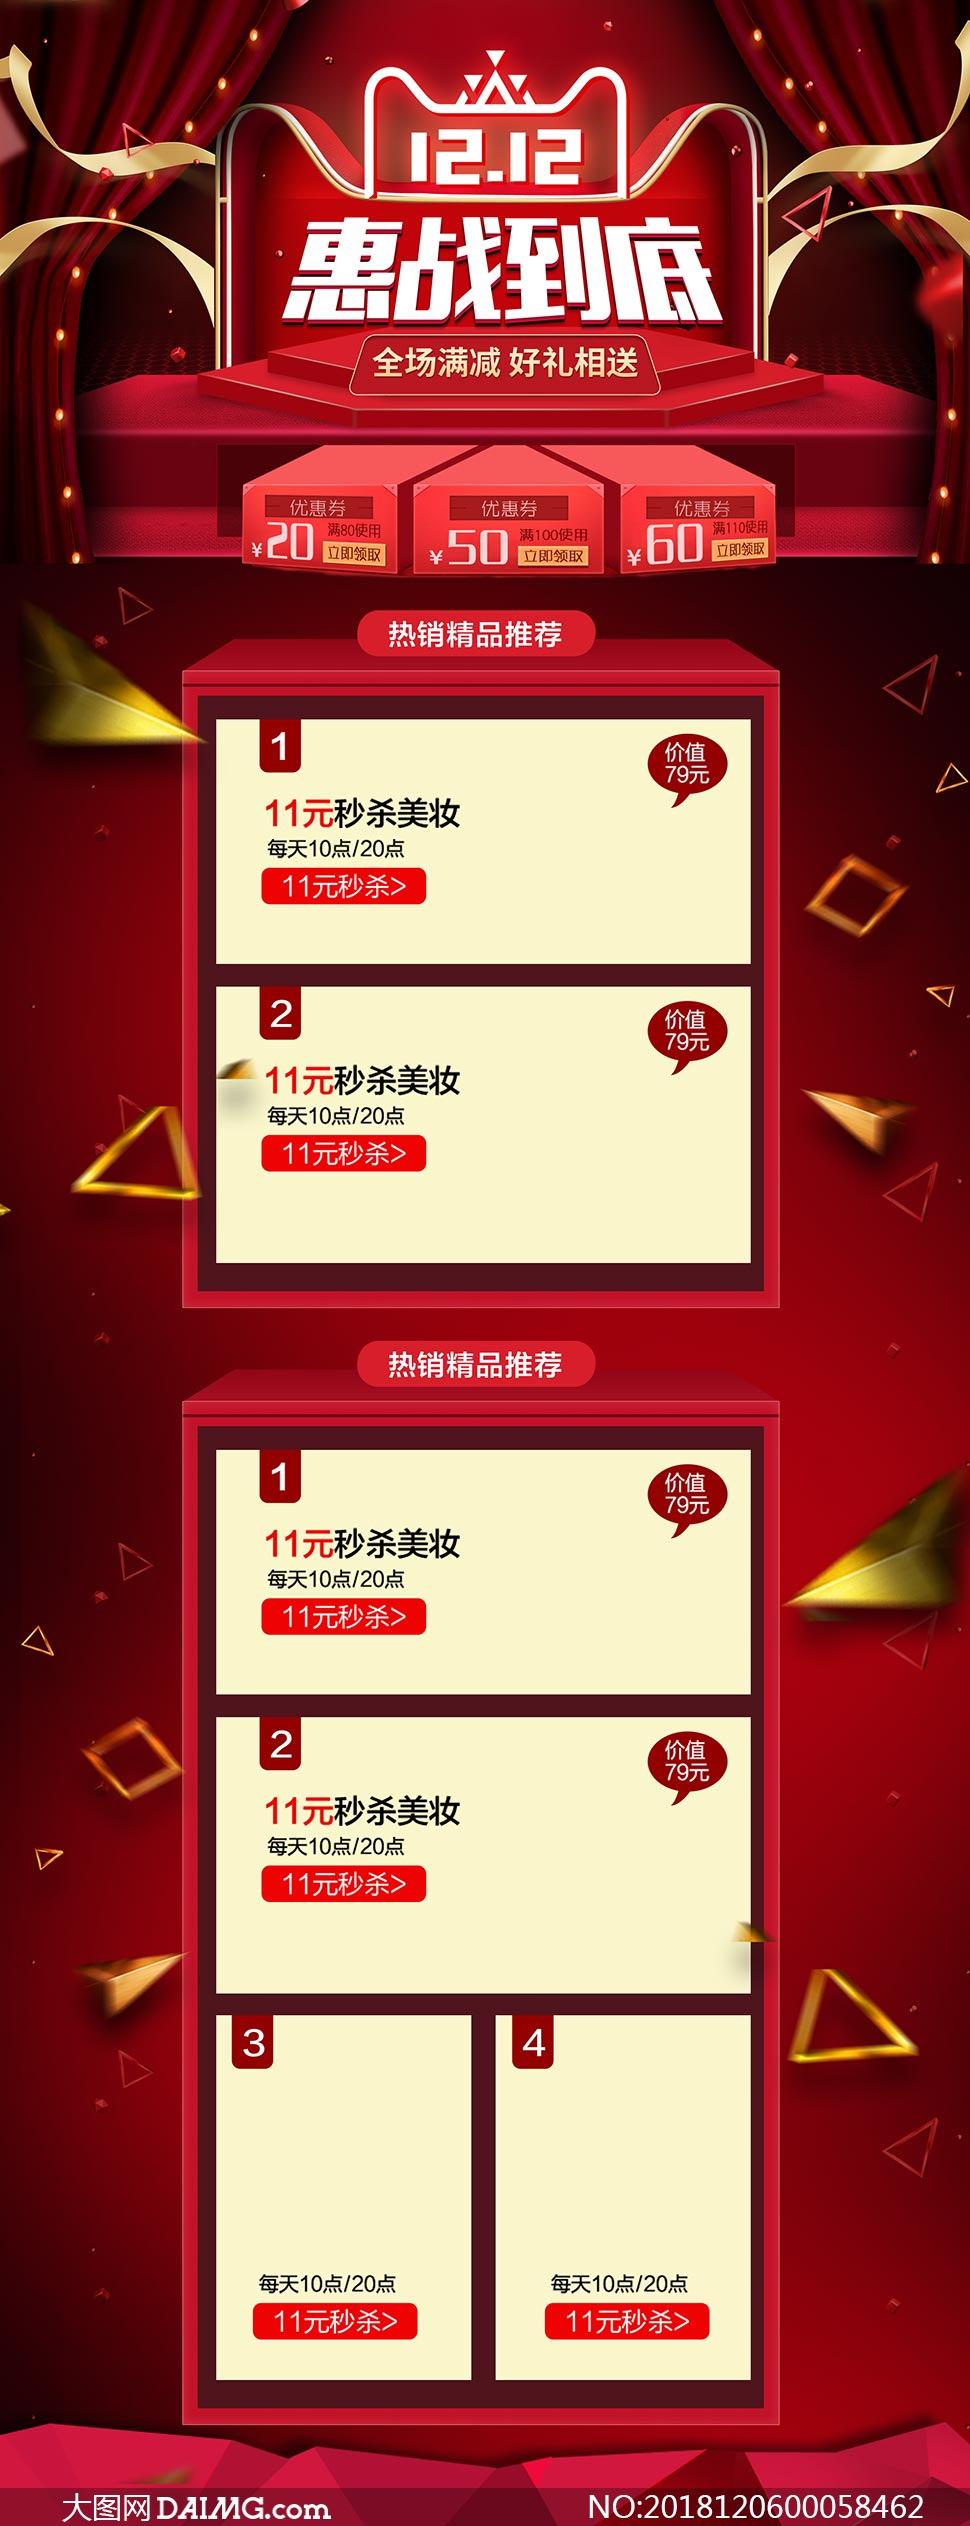 五百万彩票淘宝双12惠战到底首页模板PSD素材